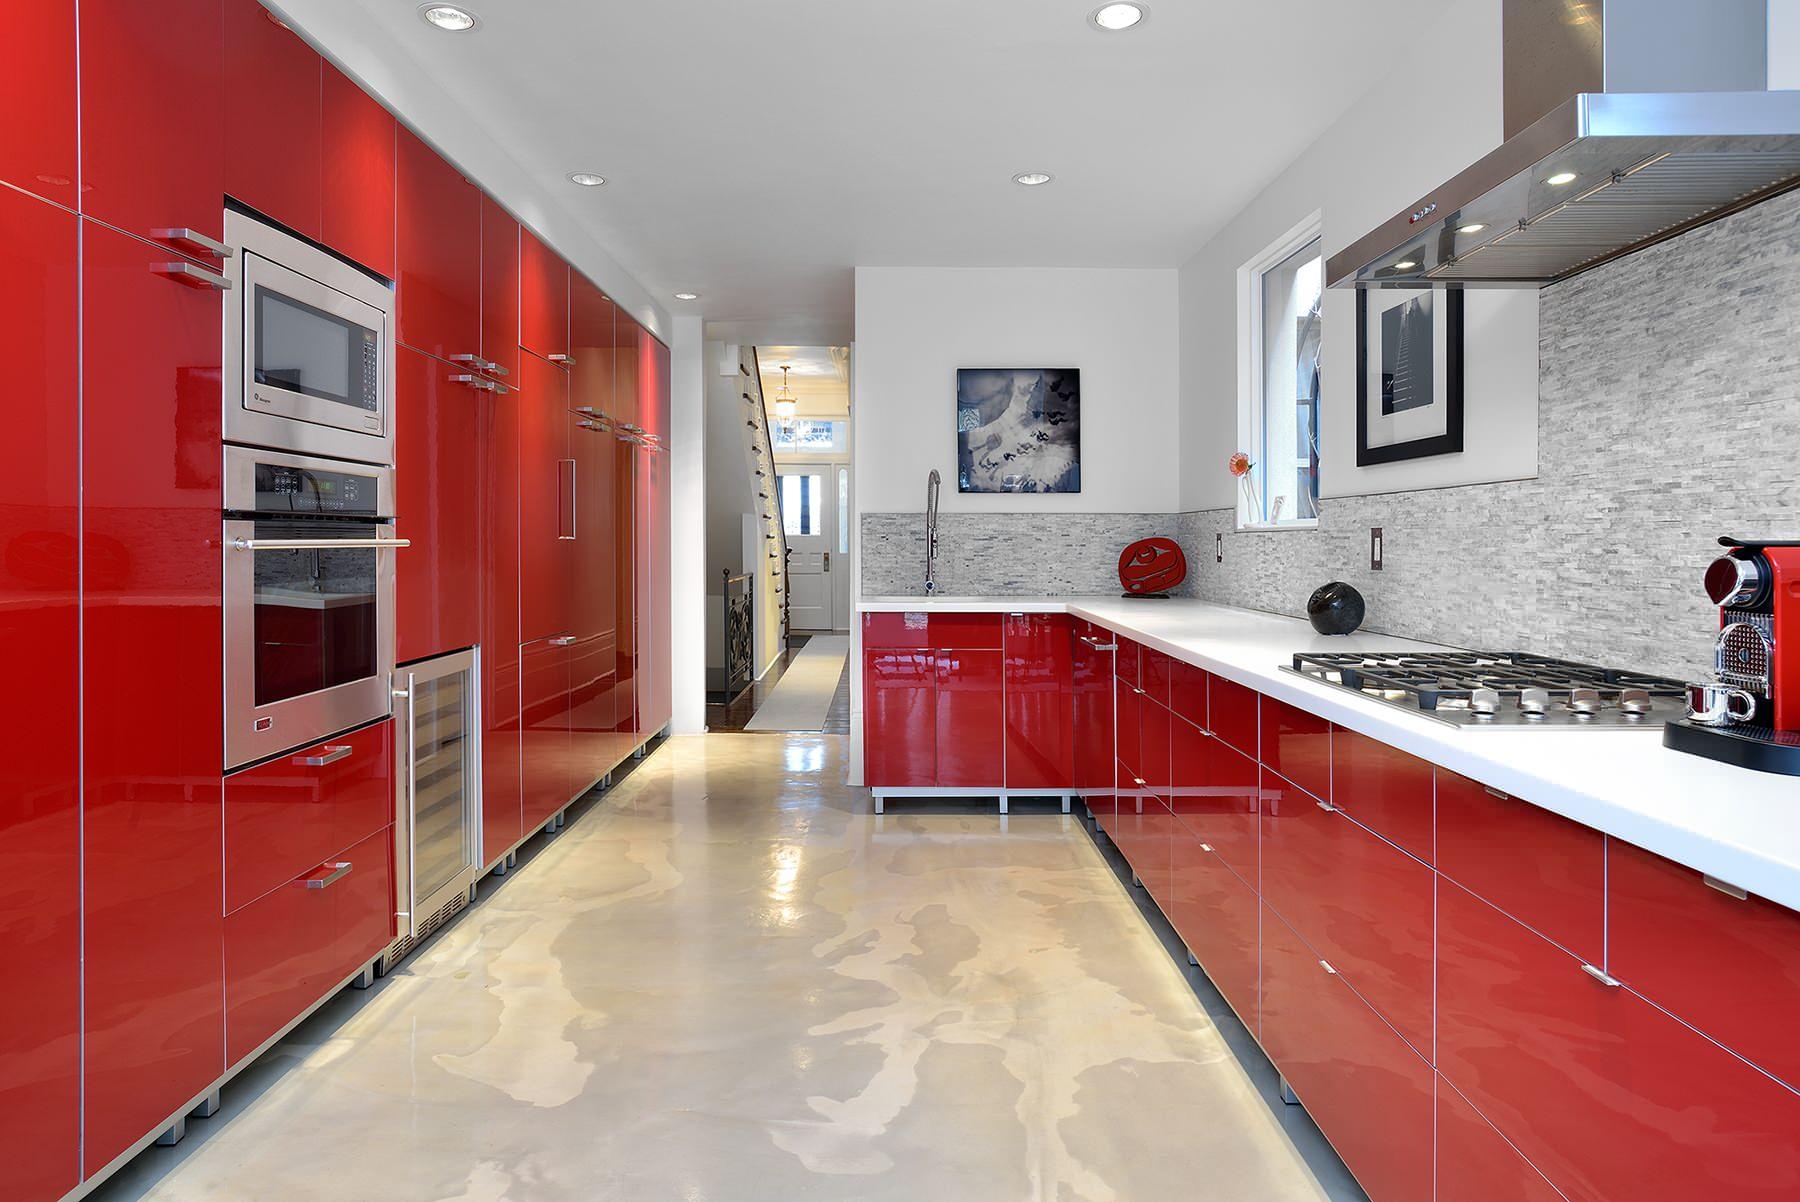 Красный цвет на кухне создает гостеприимную атмосферу